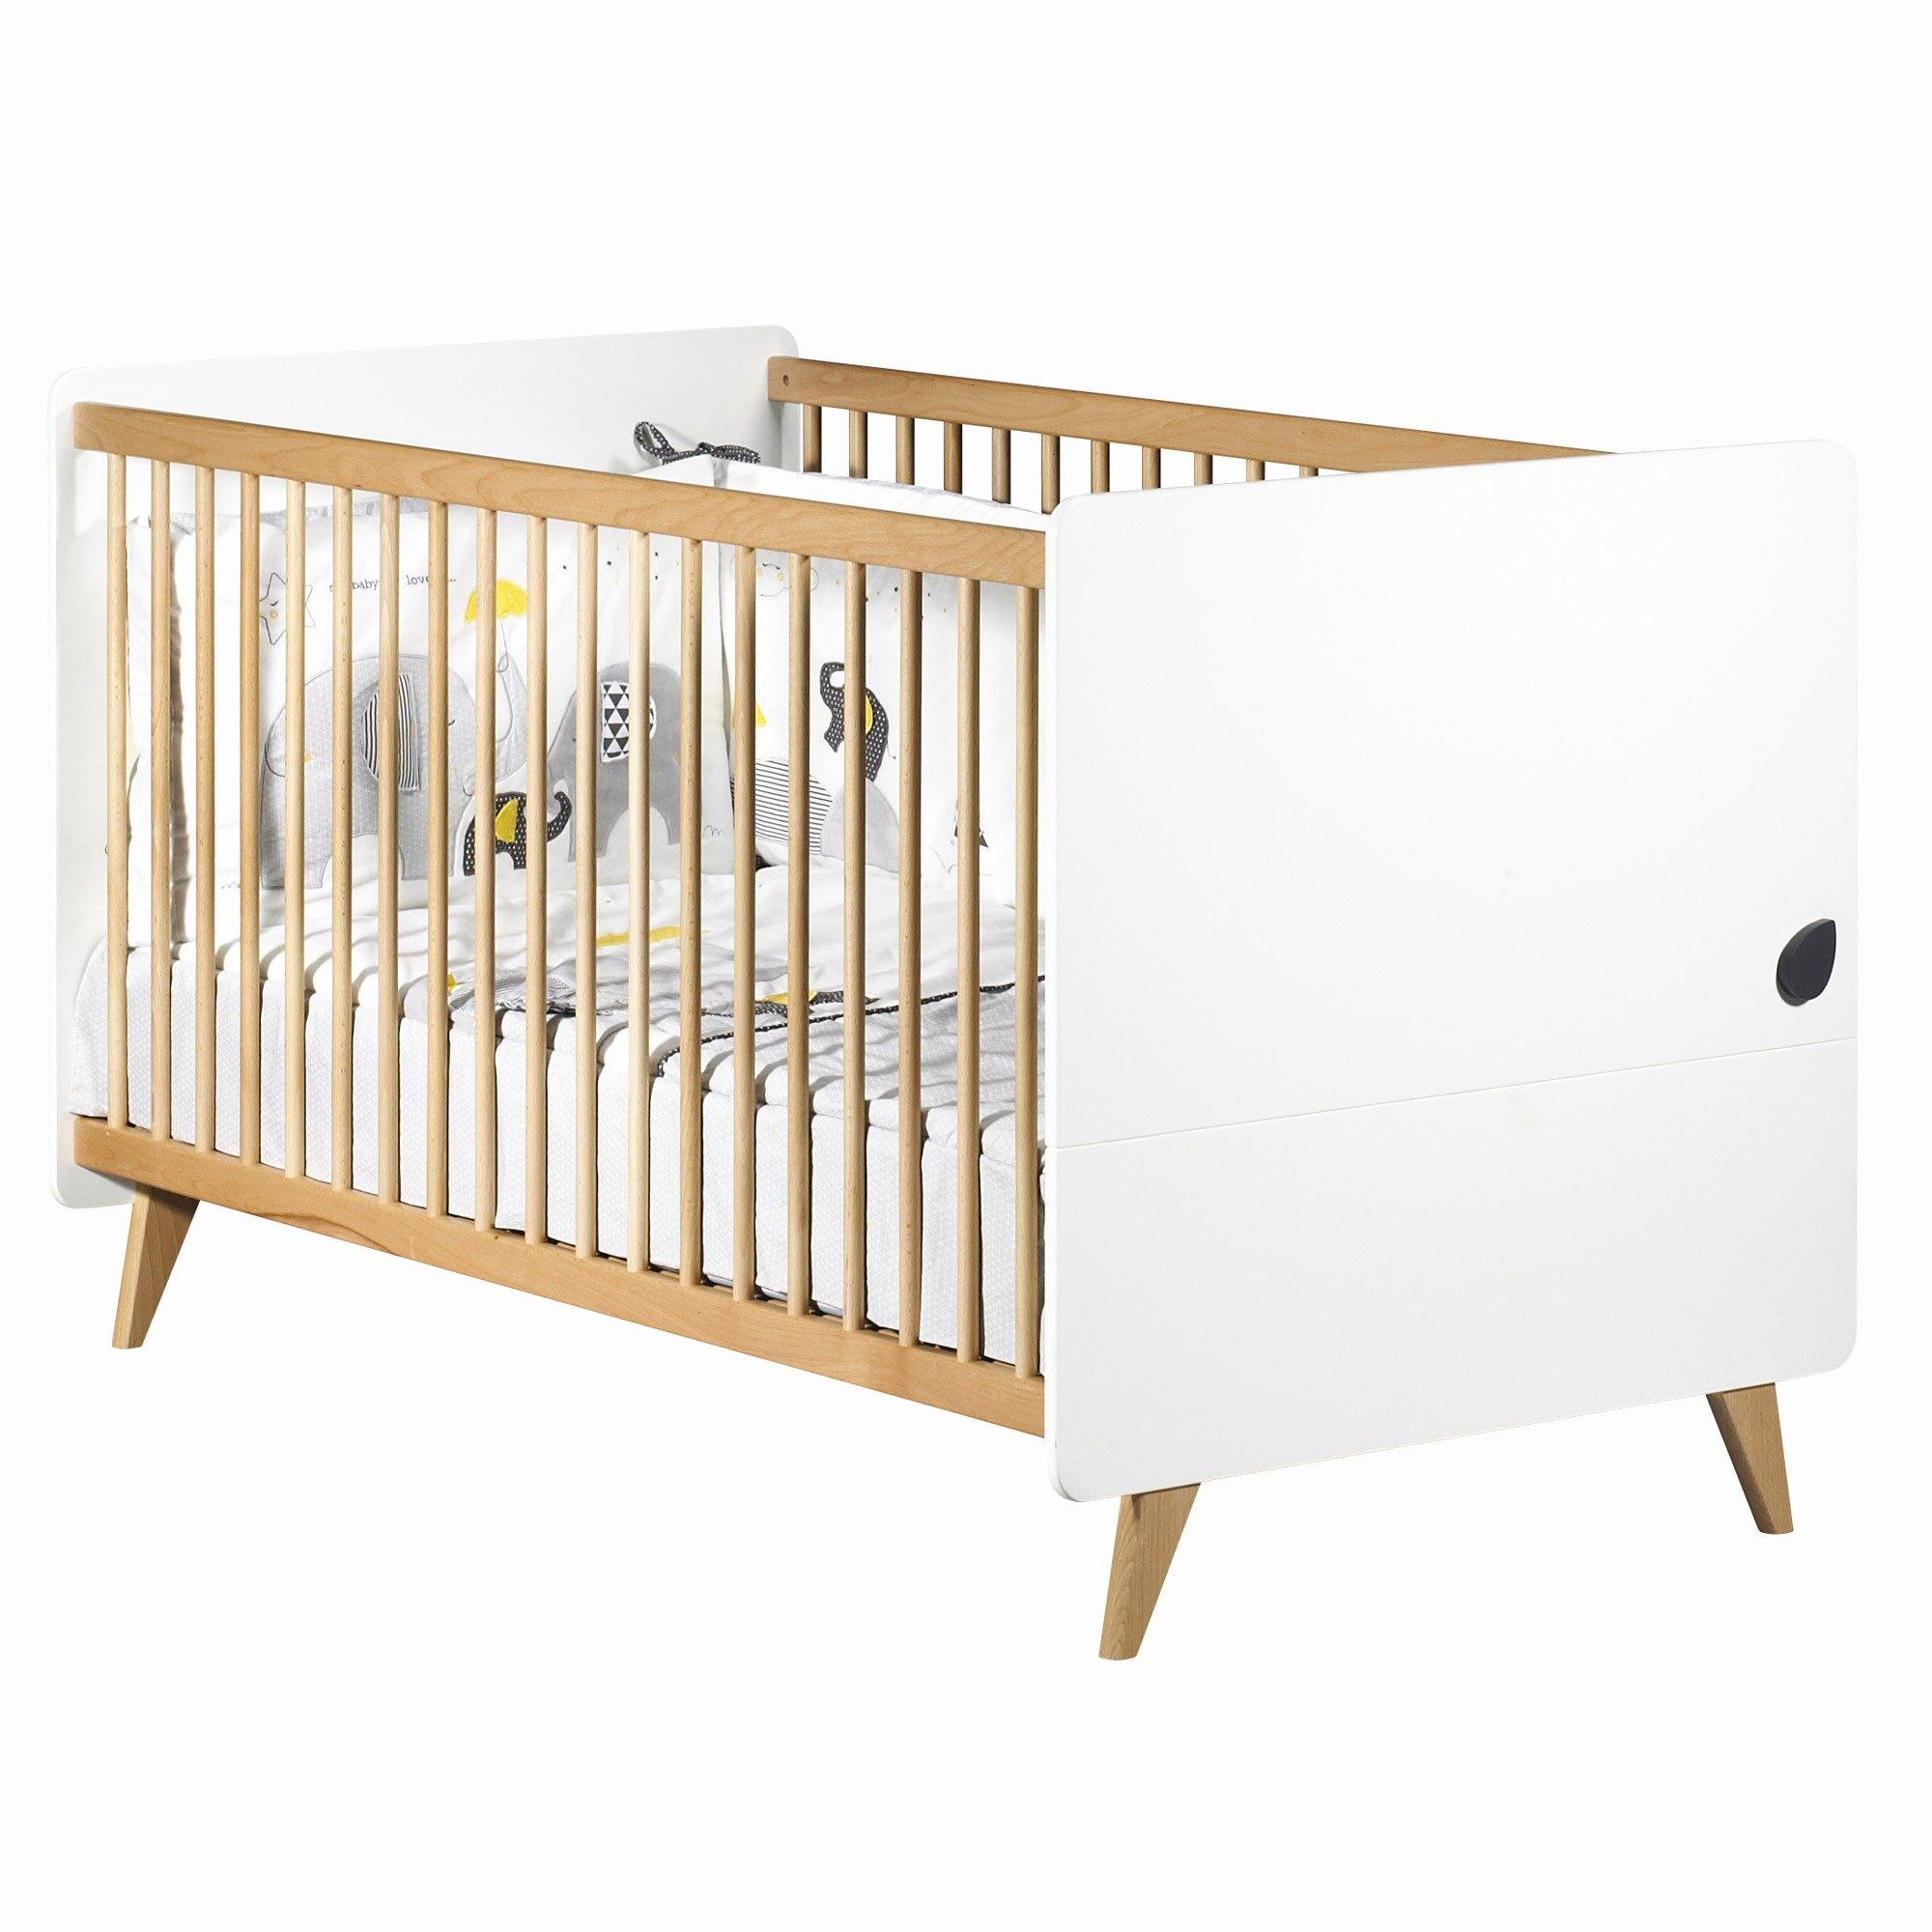 Lit Pour Bébé Ikea Inspirant Baignoire Pliante Bébé Beautiful Lit Bebe Luxe 36 Ikea Best De Avec